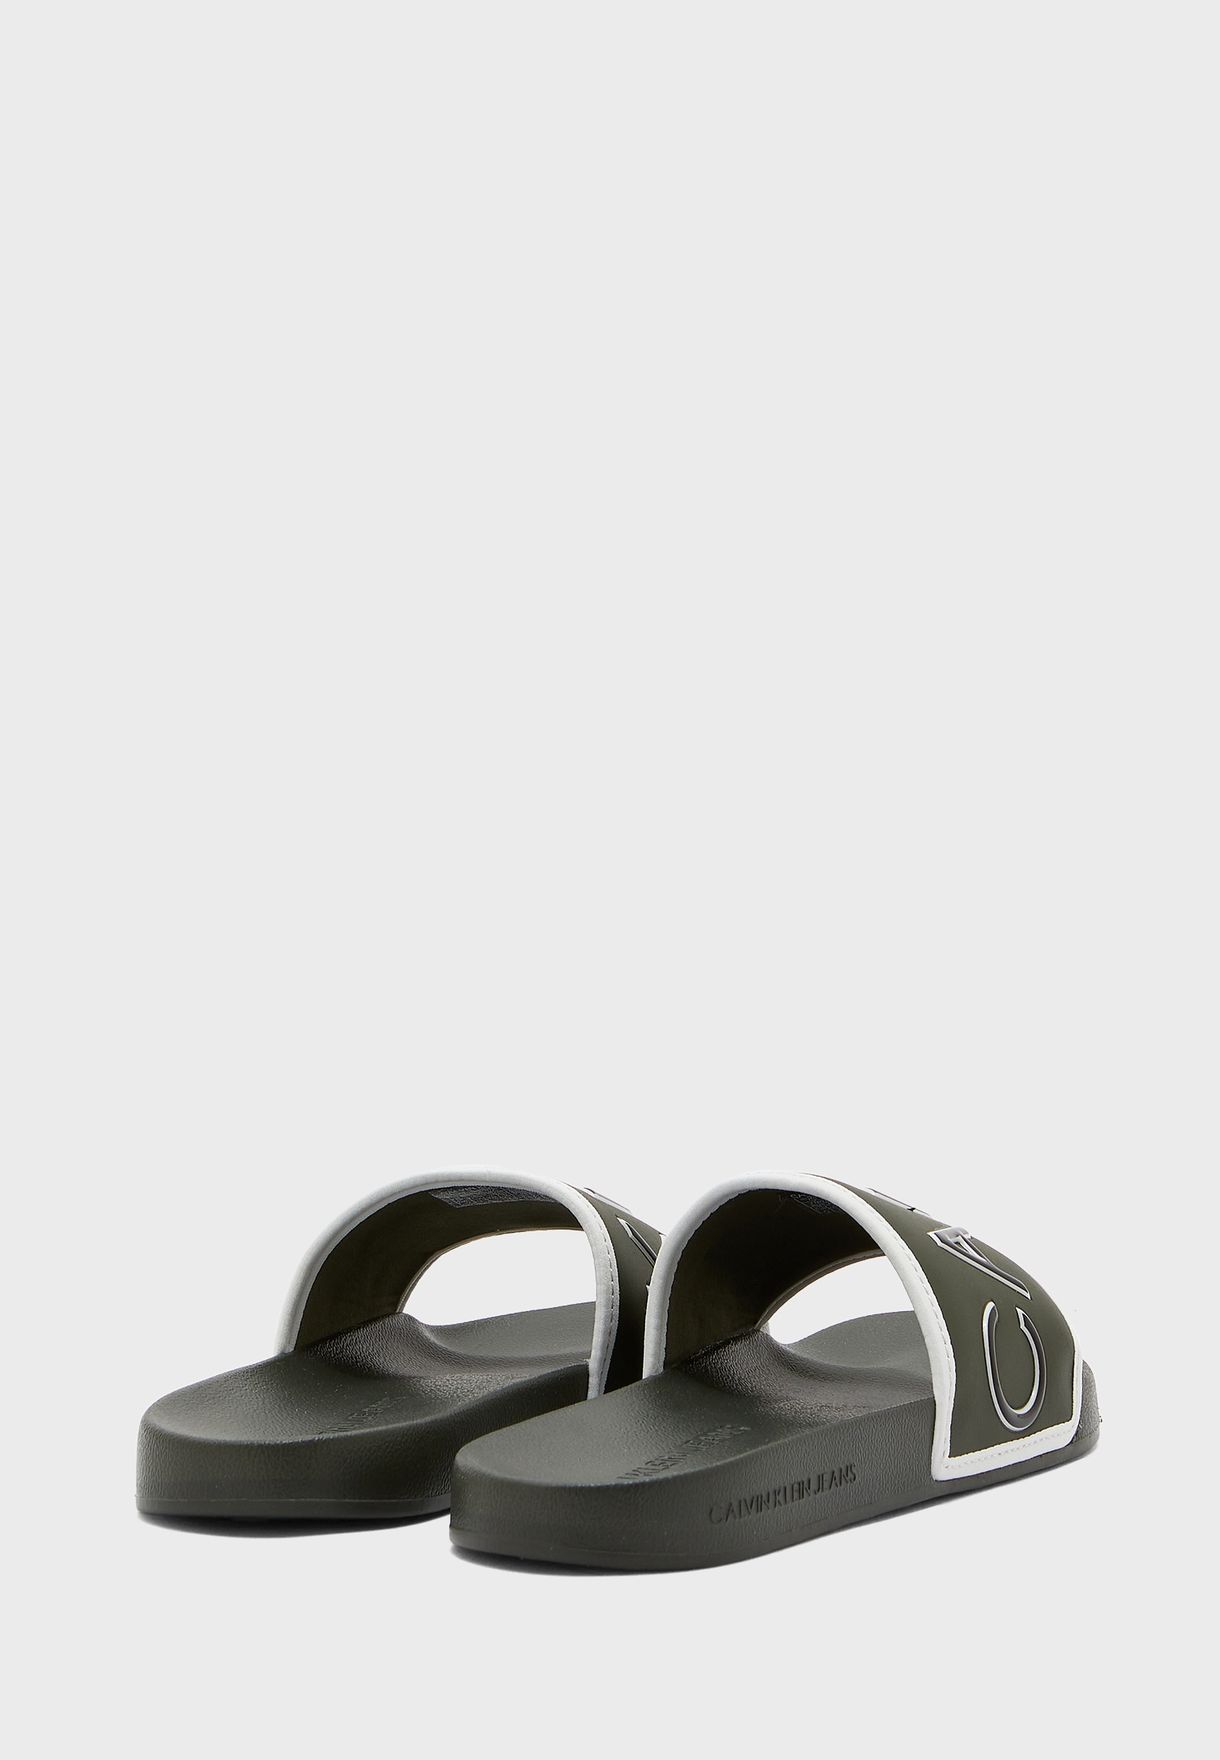 Slide Padded Flip Flops